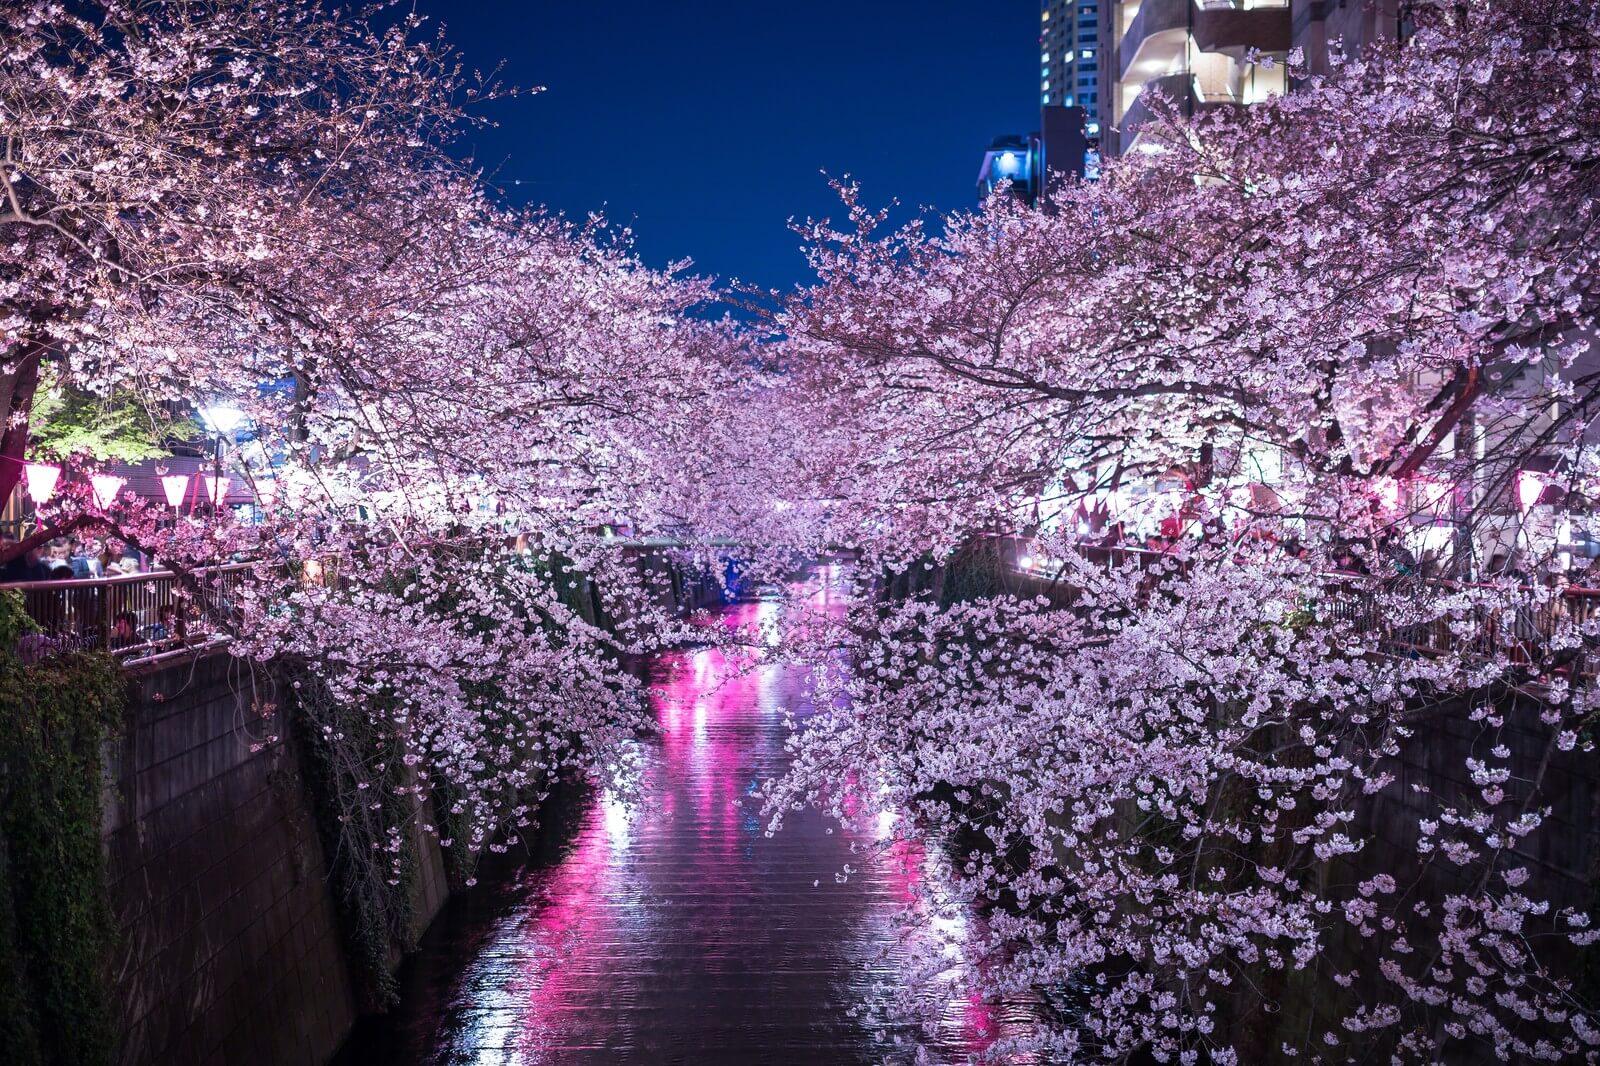 夜桜が美しい!東京都内の夜桜&ライトアップスポット7選 Moshi Moshi Nippon もしもしにっぽん